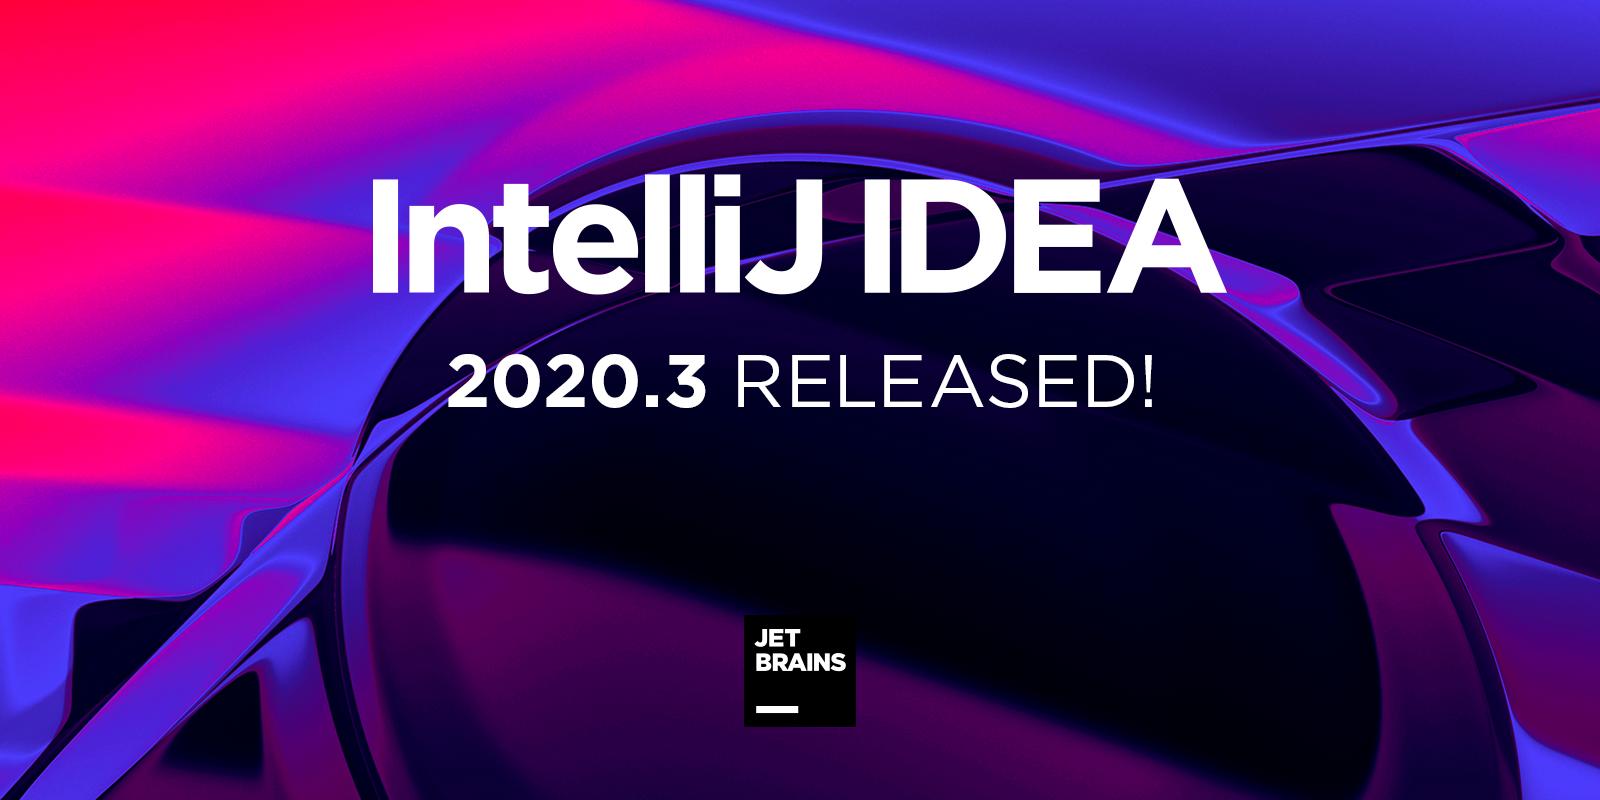 IntelliJ IDEA 2020.3